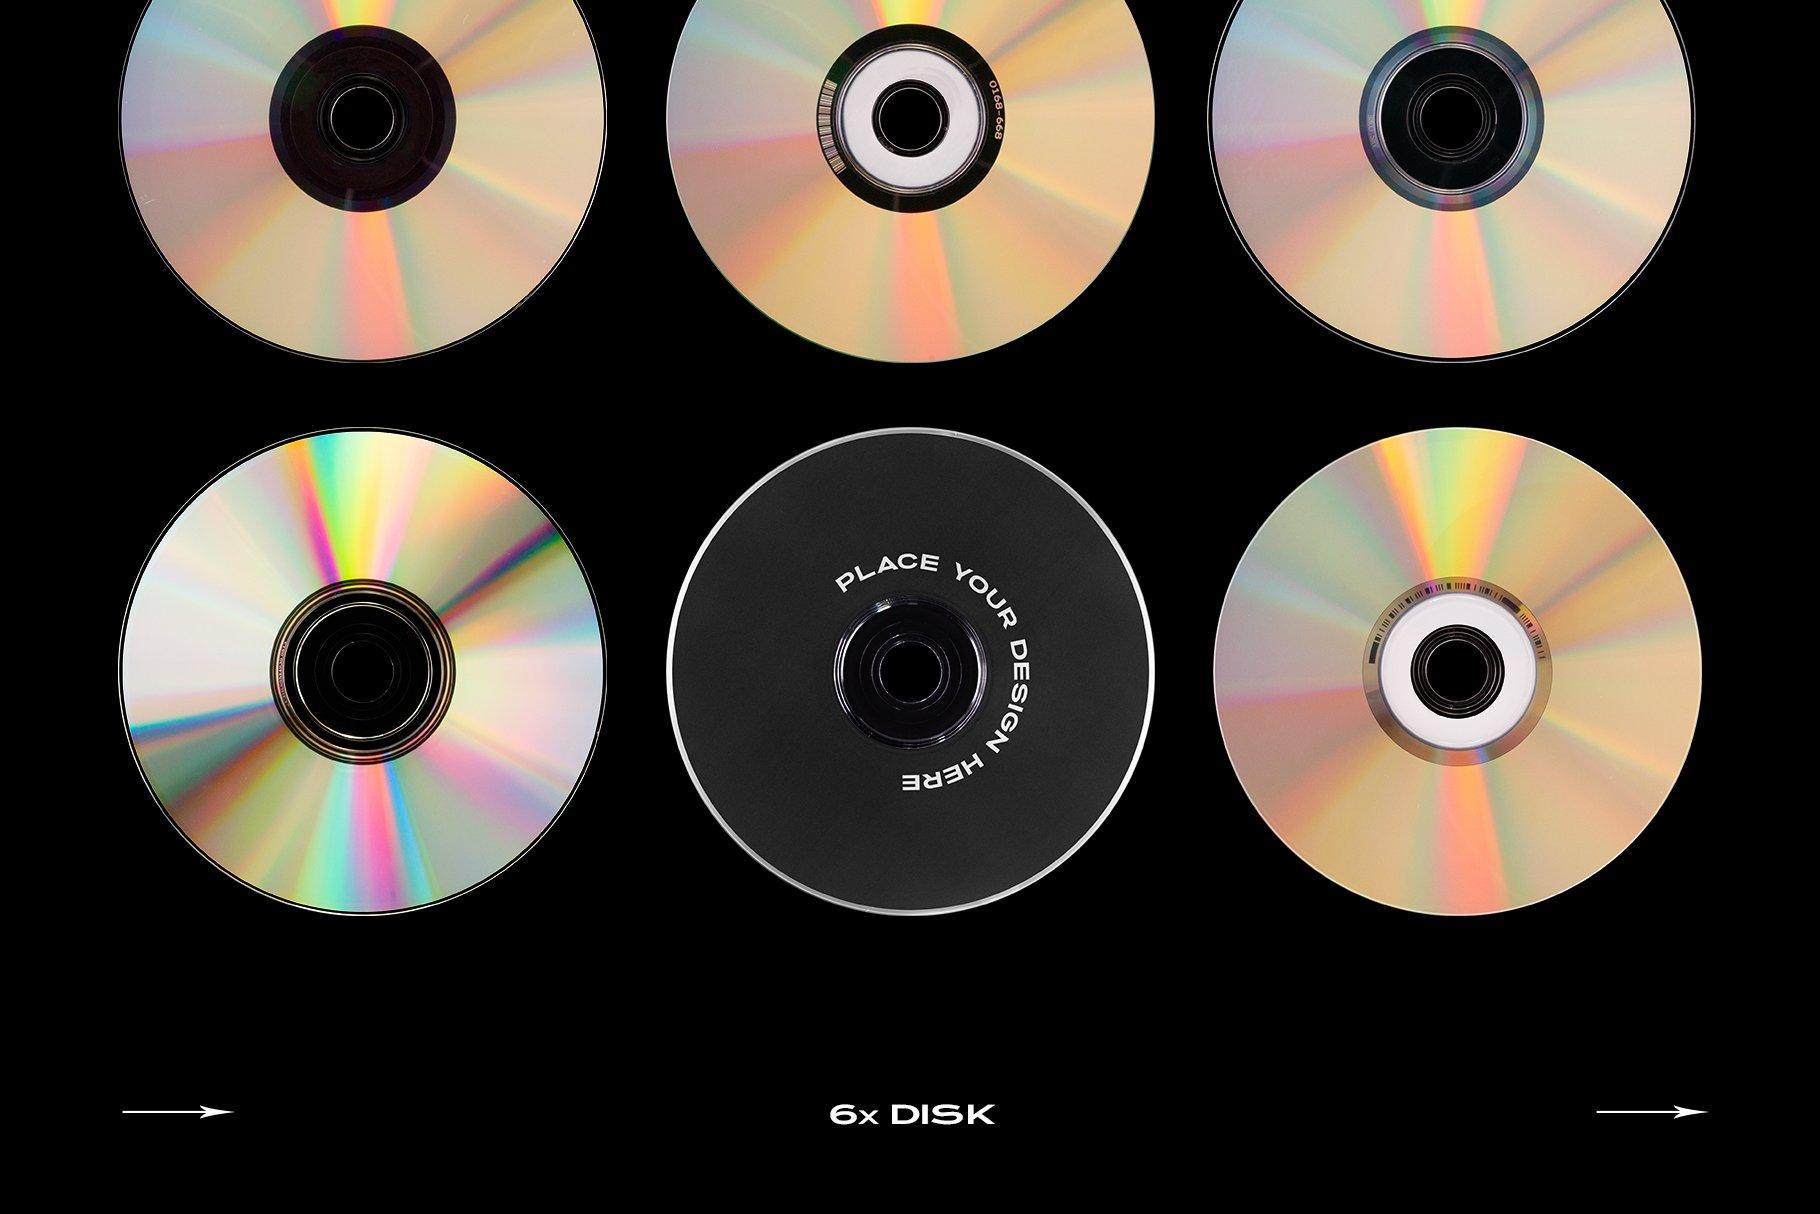 [淘宝购买] 60个DVD光盘包装盒塑料袋塑料膜贴纸样机PS设计素材 DVD Case Mockup Template Bundle Disc插图(17)